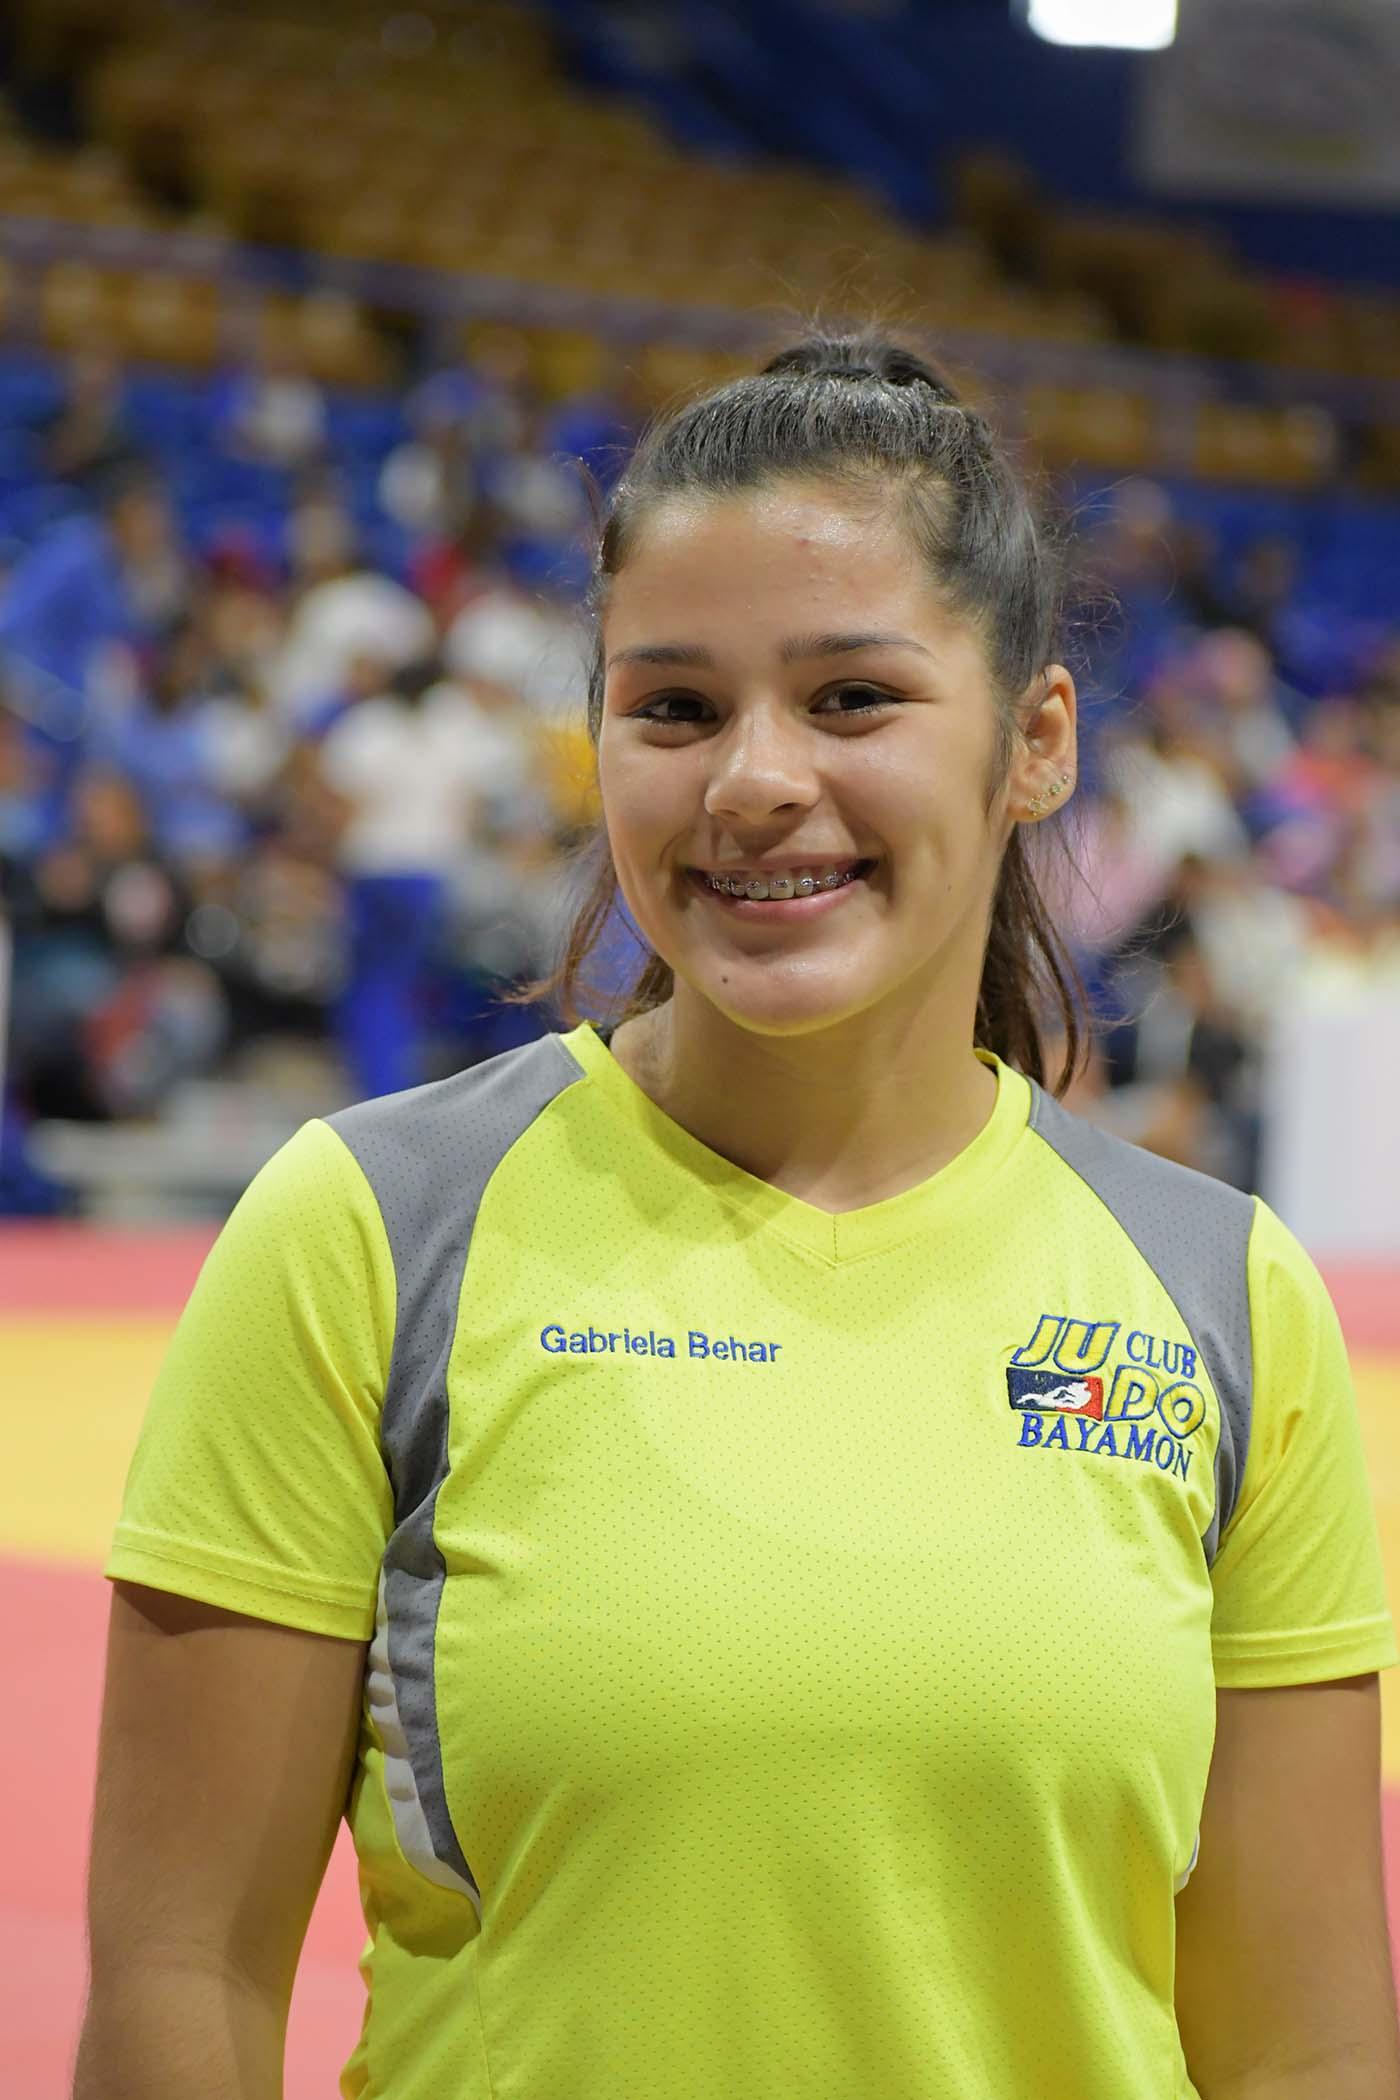 Gabriela-Behar-2